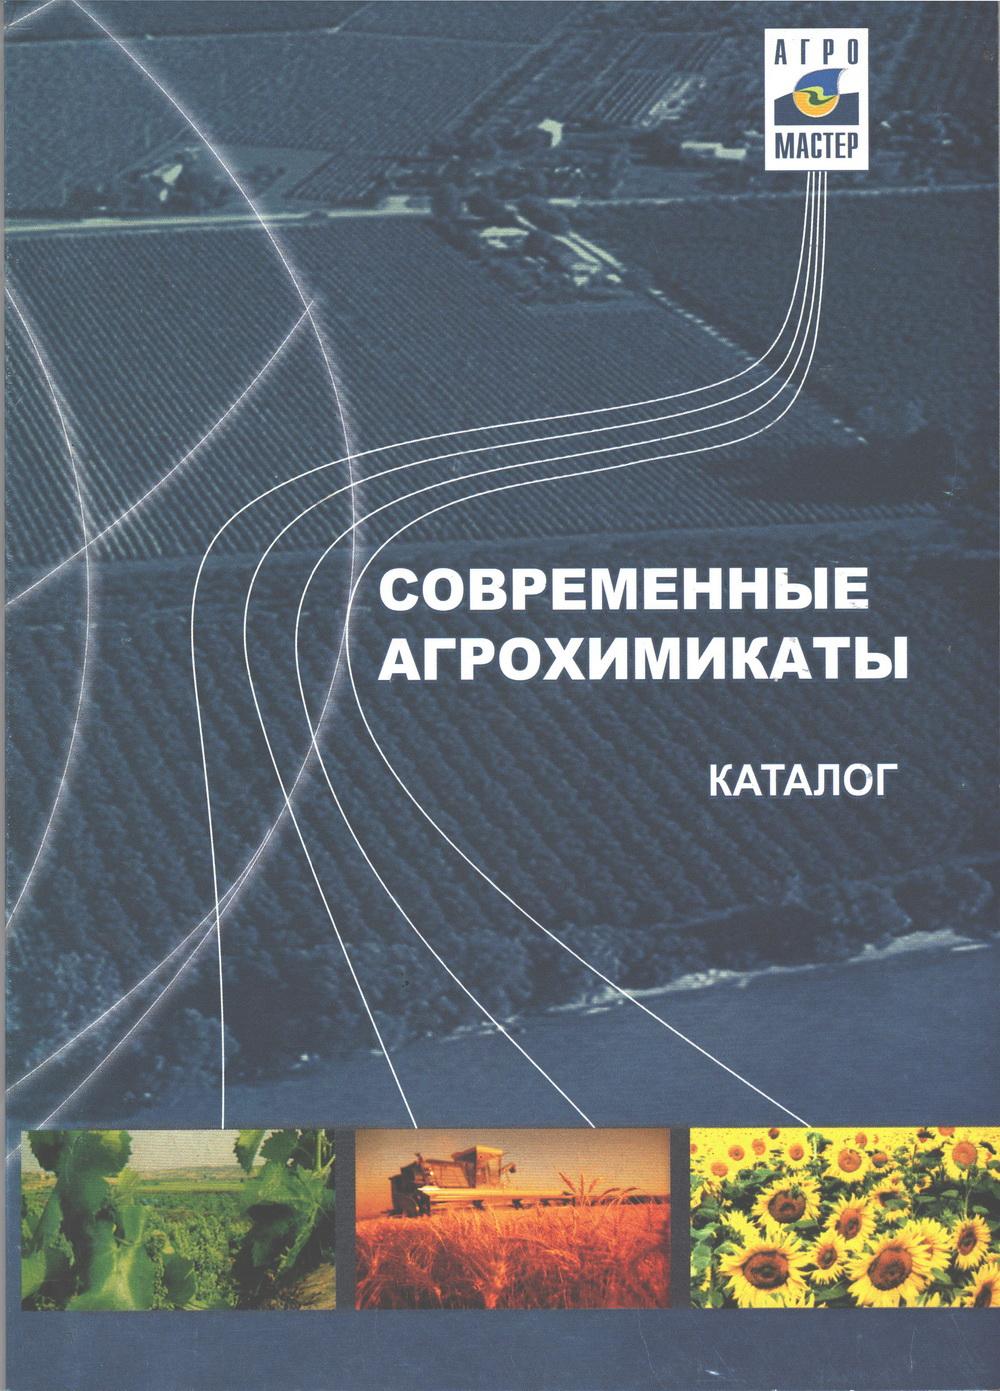 Каталог «Современные агрохимикаты»